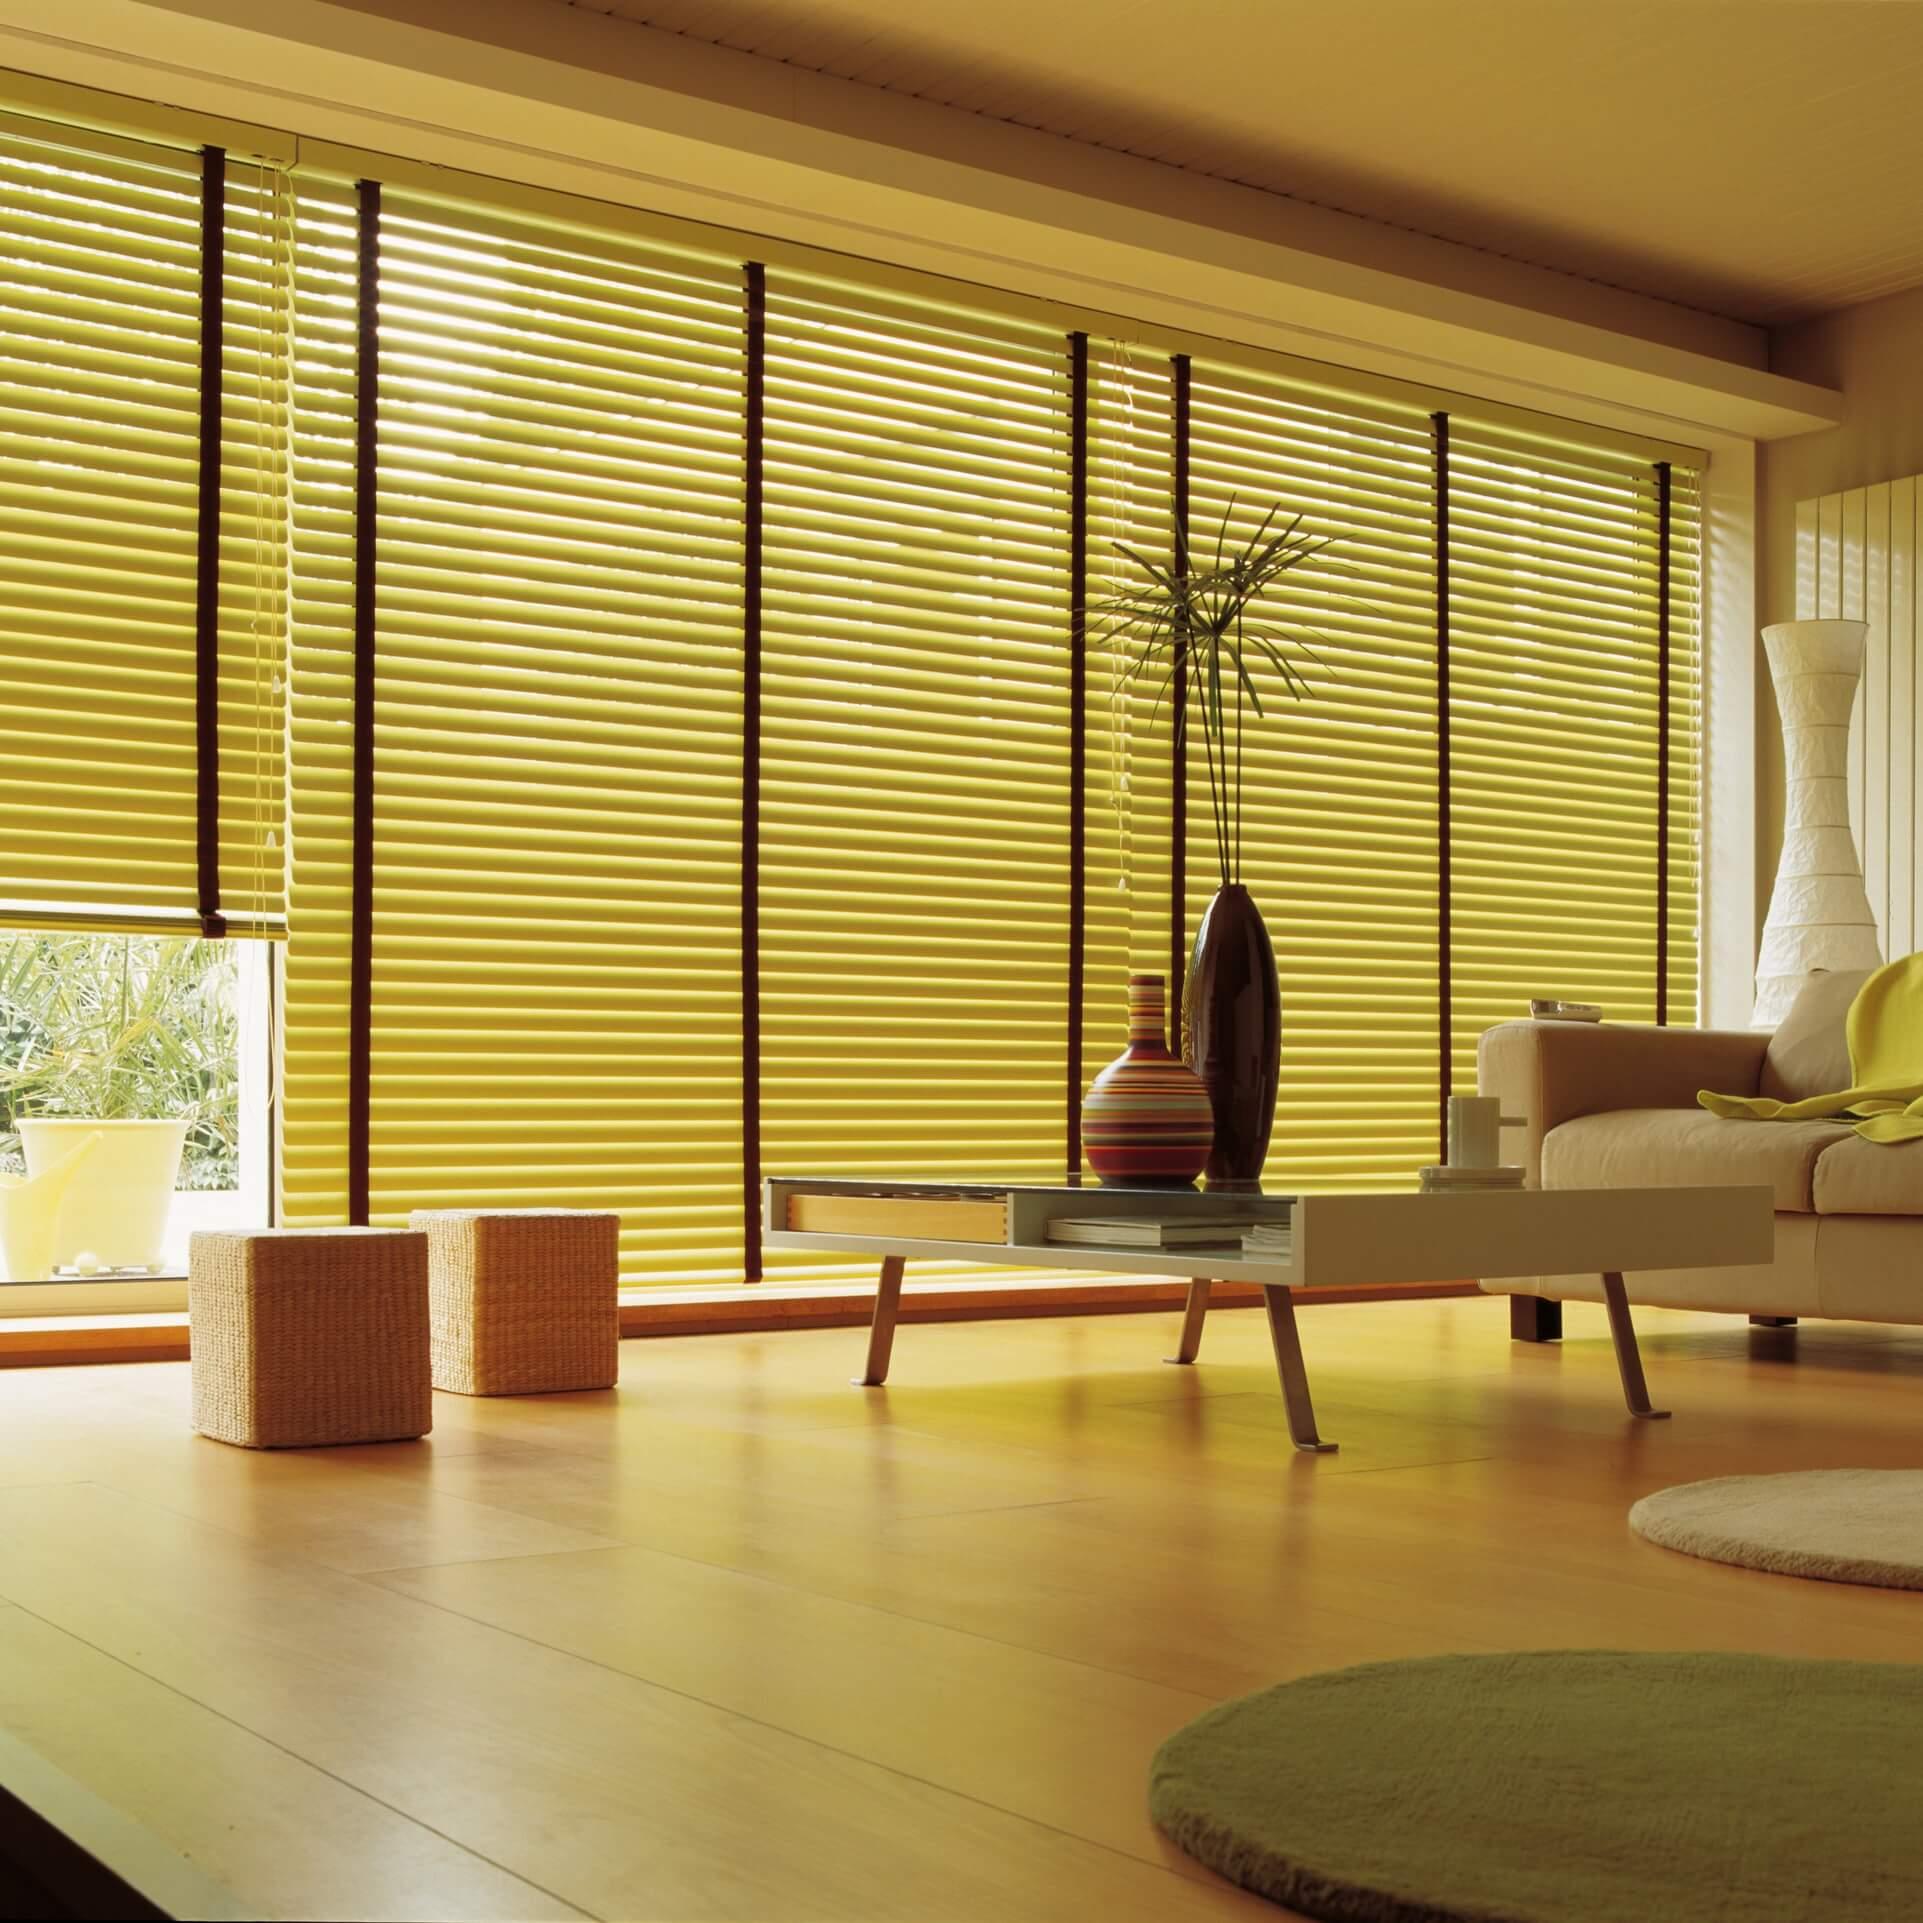 comment bien choisir son store d 39 int rieur les actus d 39 isofen. Black Bedroom Furniture Sets. Home Design Ideas